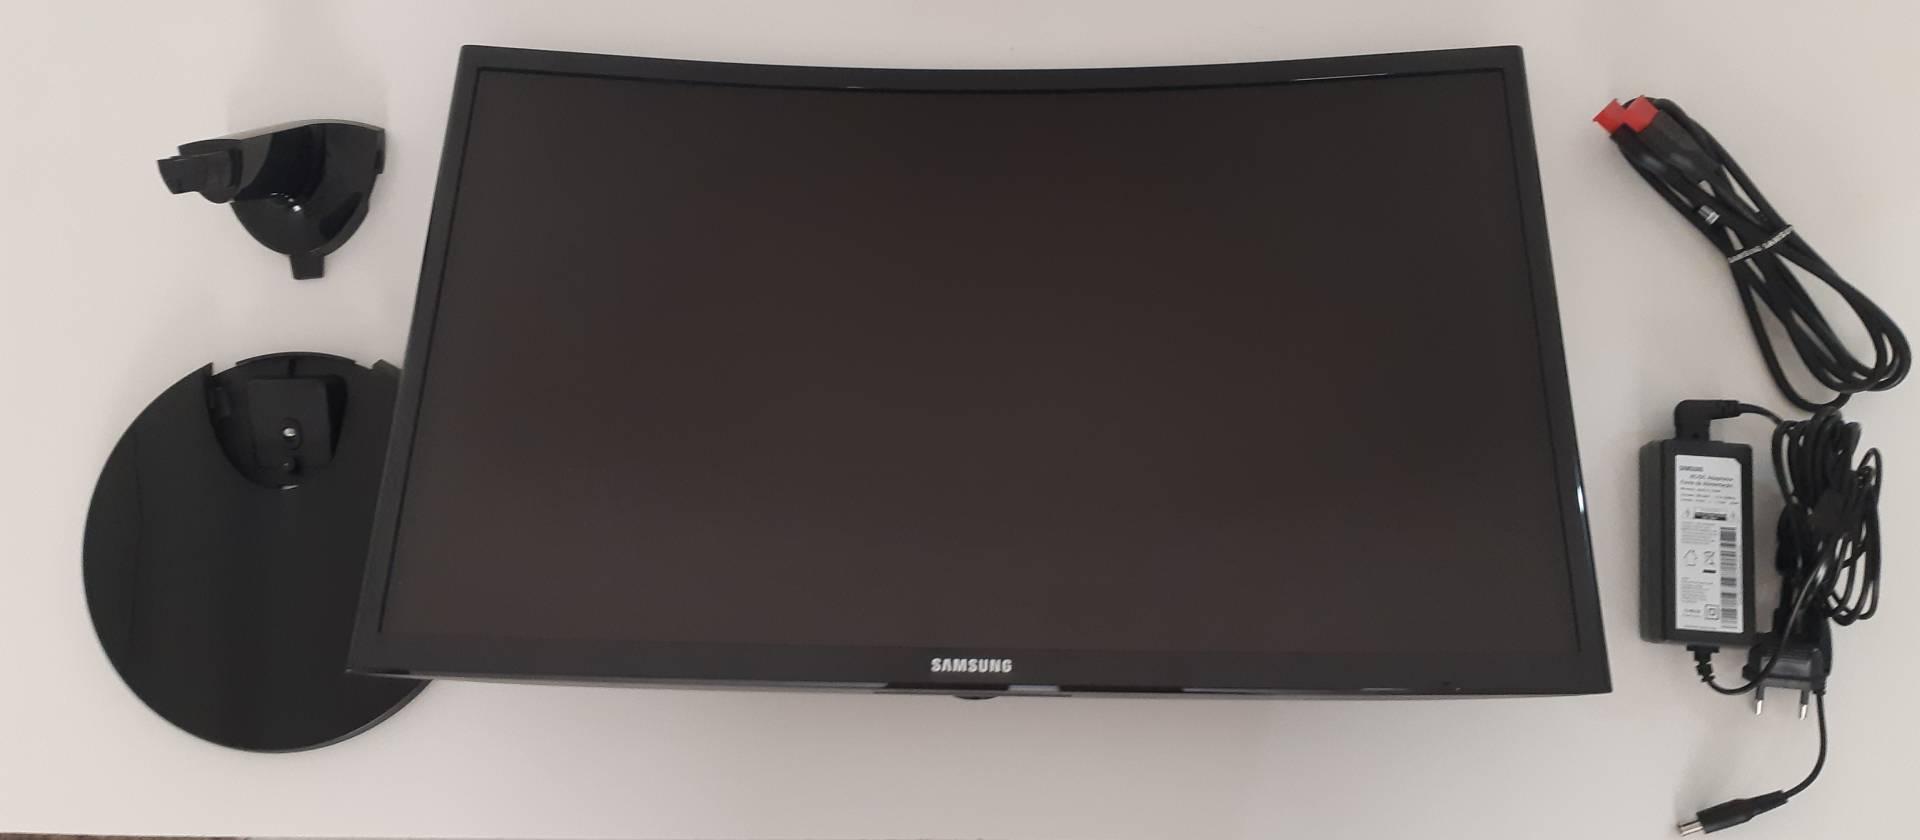 Tudo o que vem na caixa do monitor curvo Samsung CF390 (Foto: Filipe Salles)